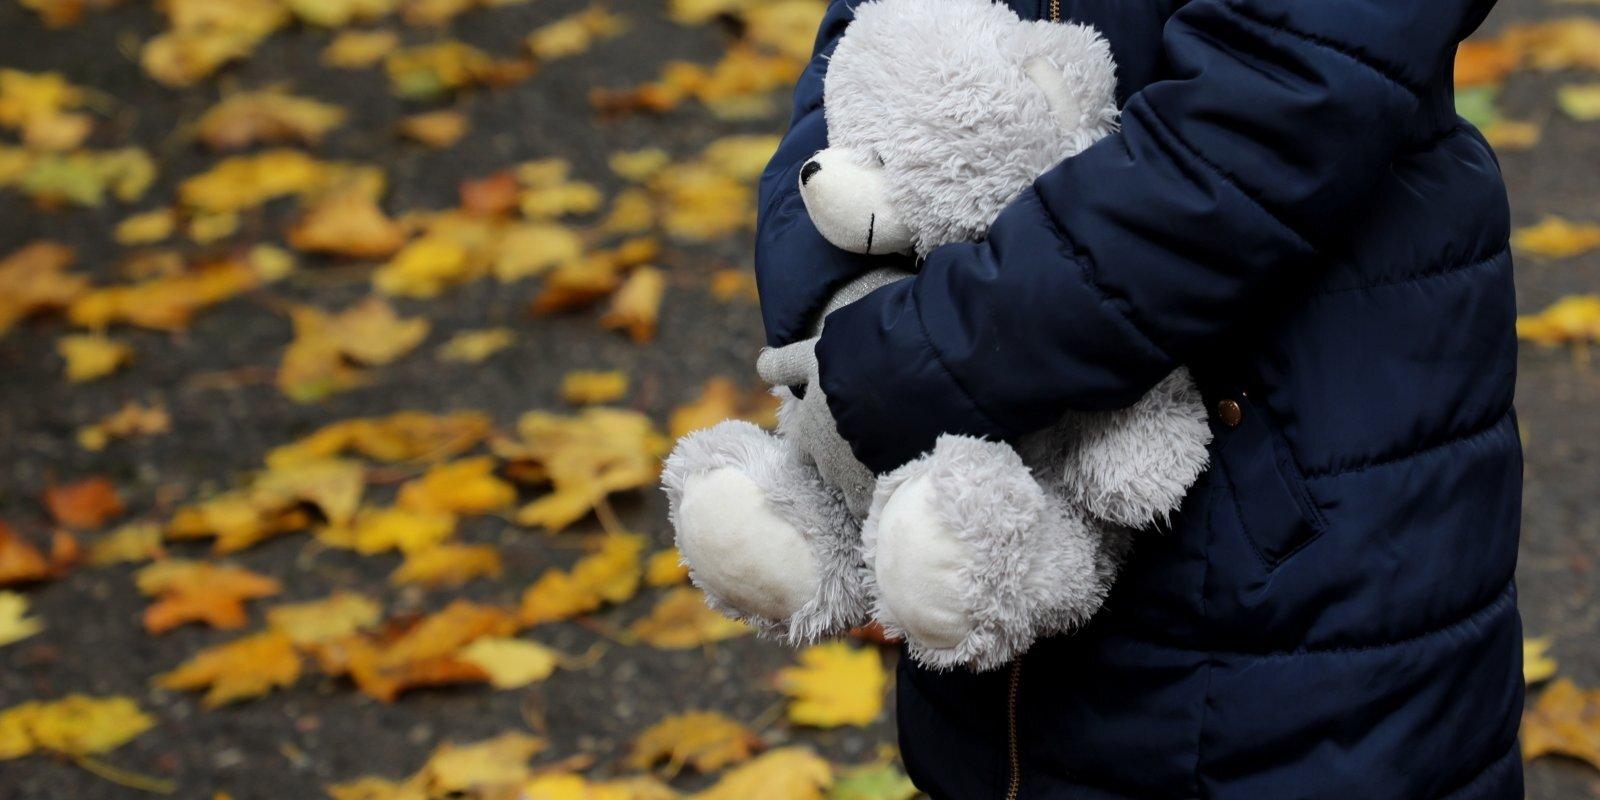 Šoruden nogalināti divi gadu veci bērni. Kāpēc mīloša māte kļūst par slepkavu